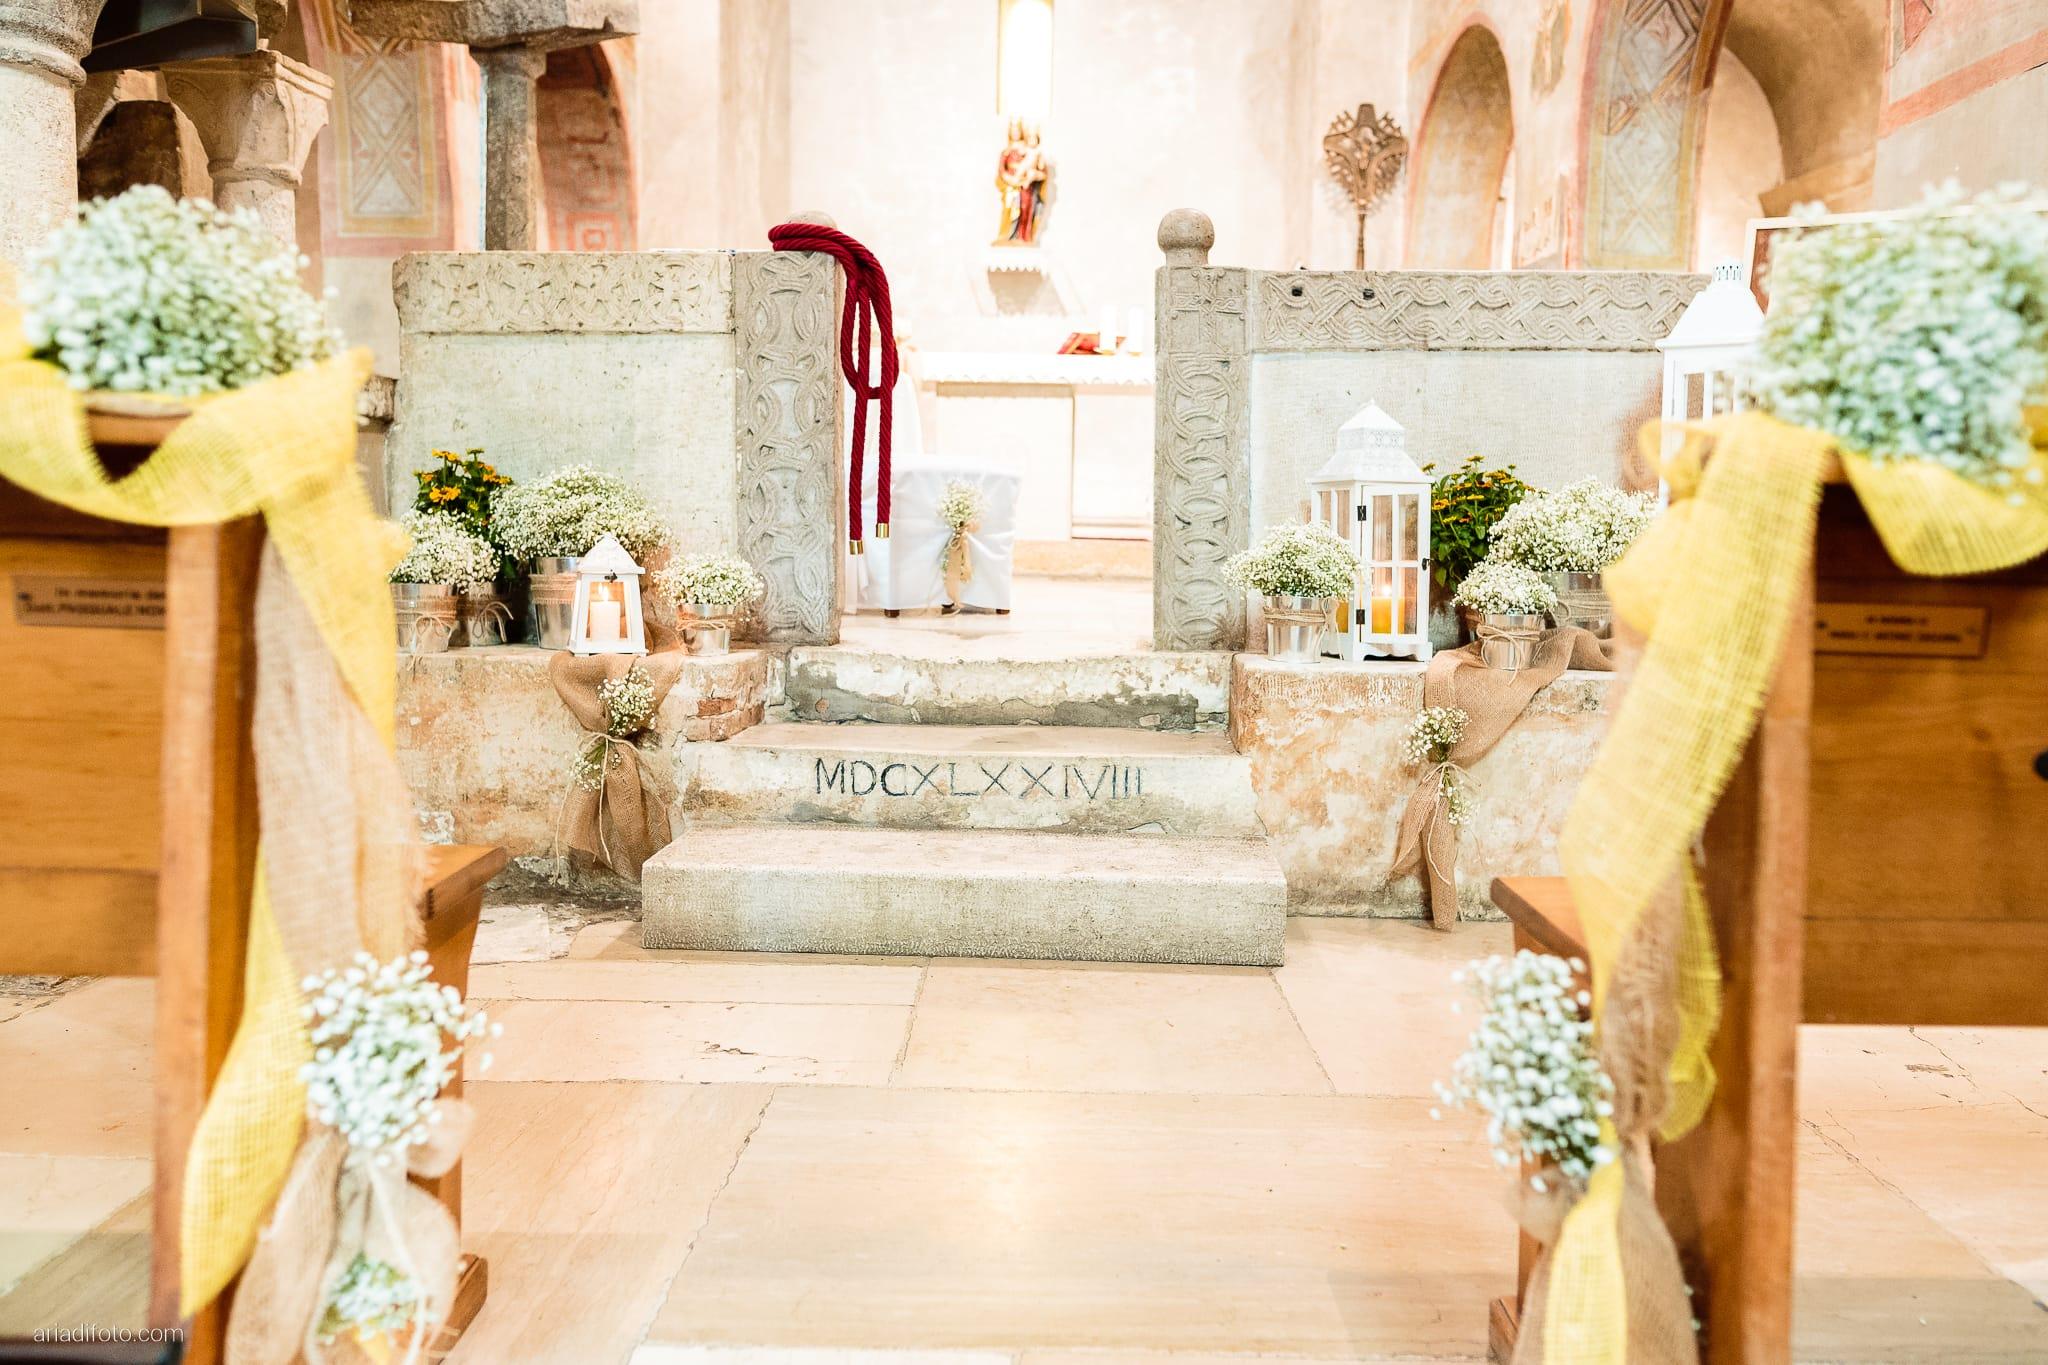 Francesca Andrea Matrimonio Muggia Chiesa Santa Maria Assunta Porto San Rocco Marina San Giusto Trieste cerimonia dettagli fiori lanterne